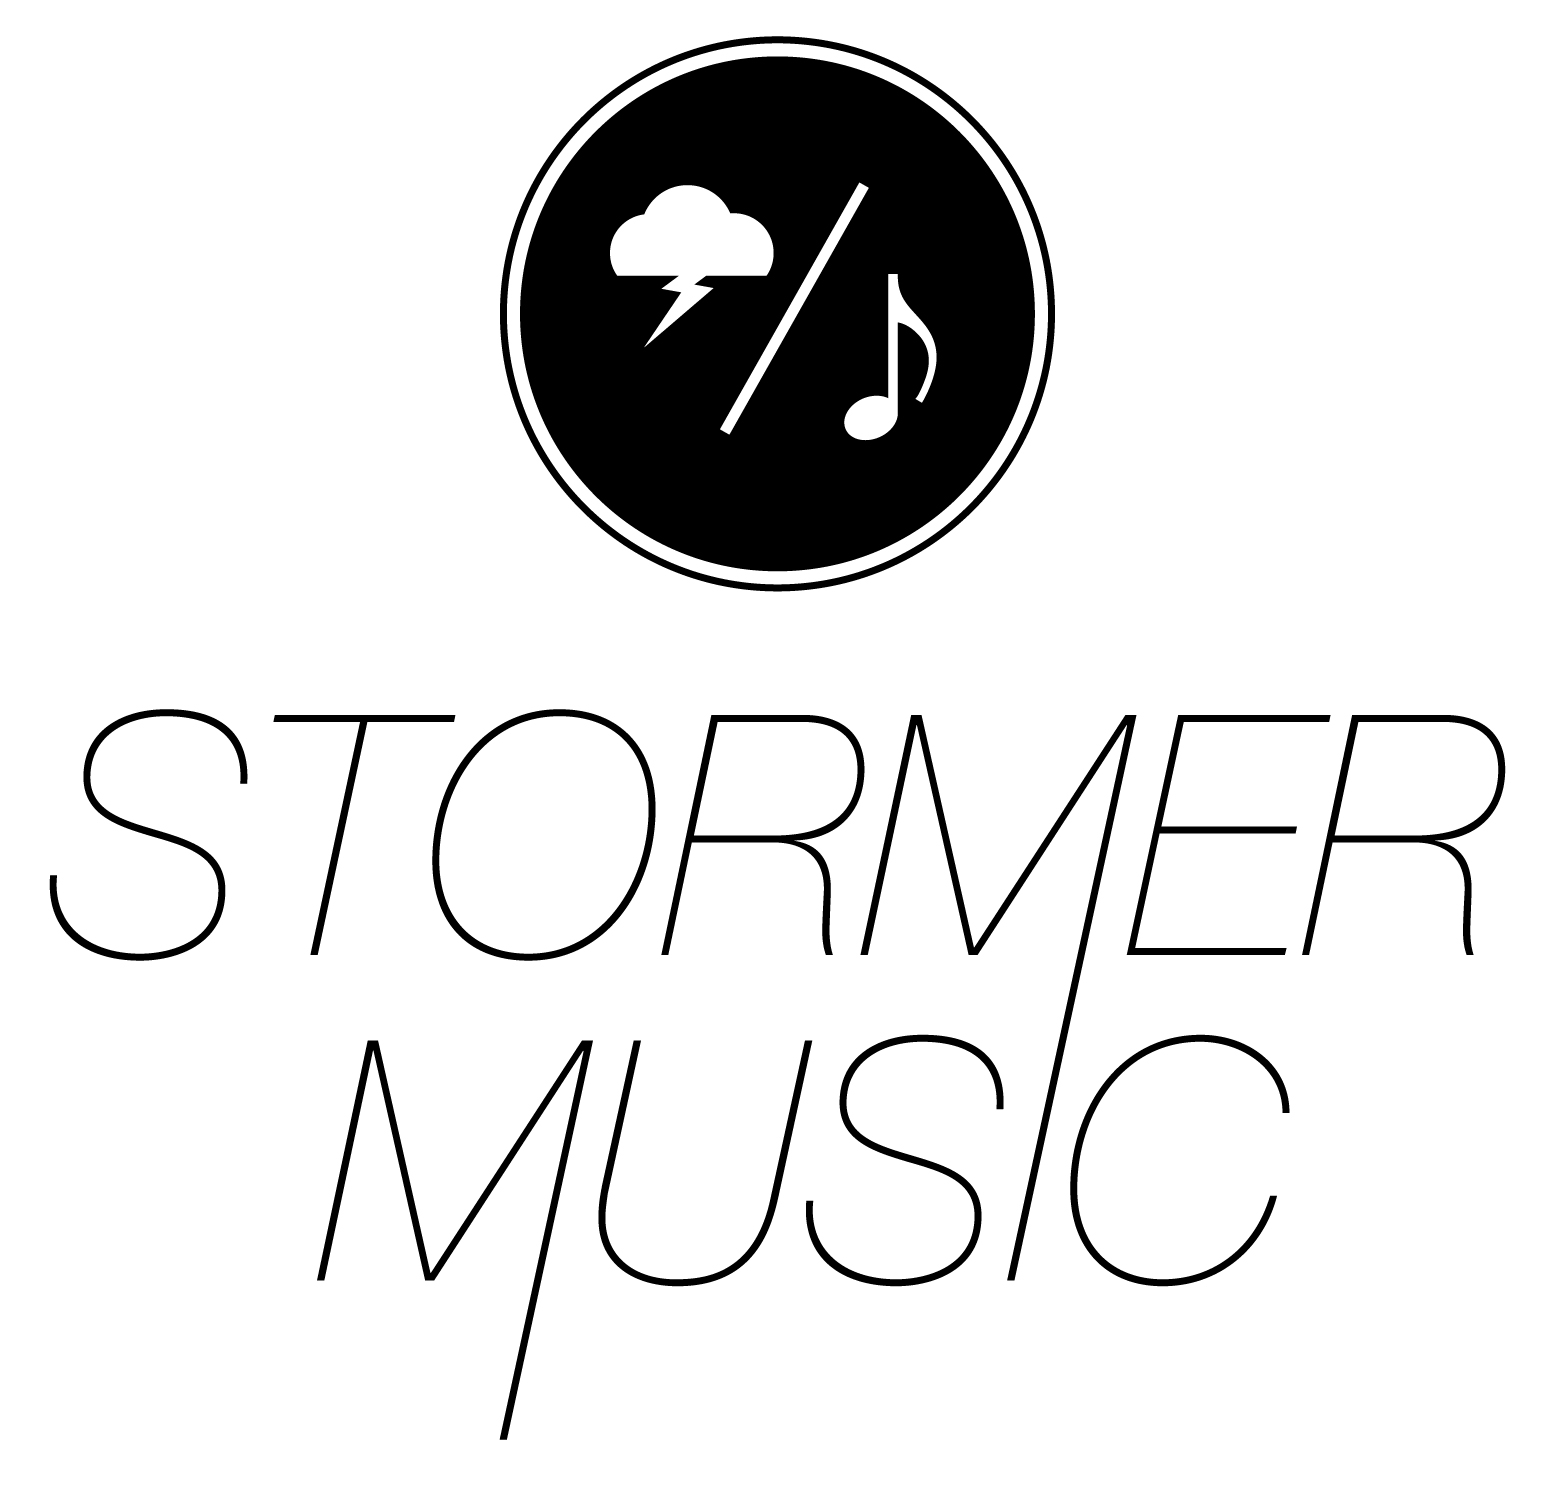 Stormer Music Blaxland